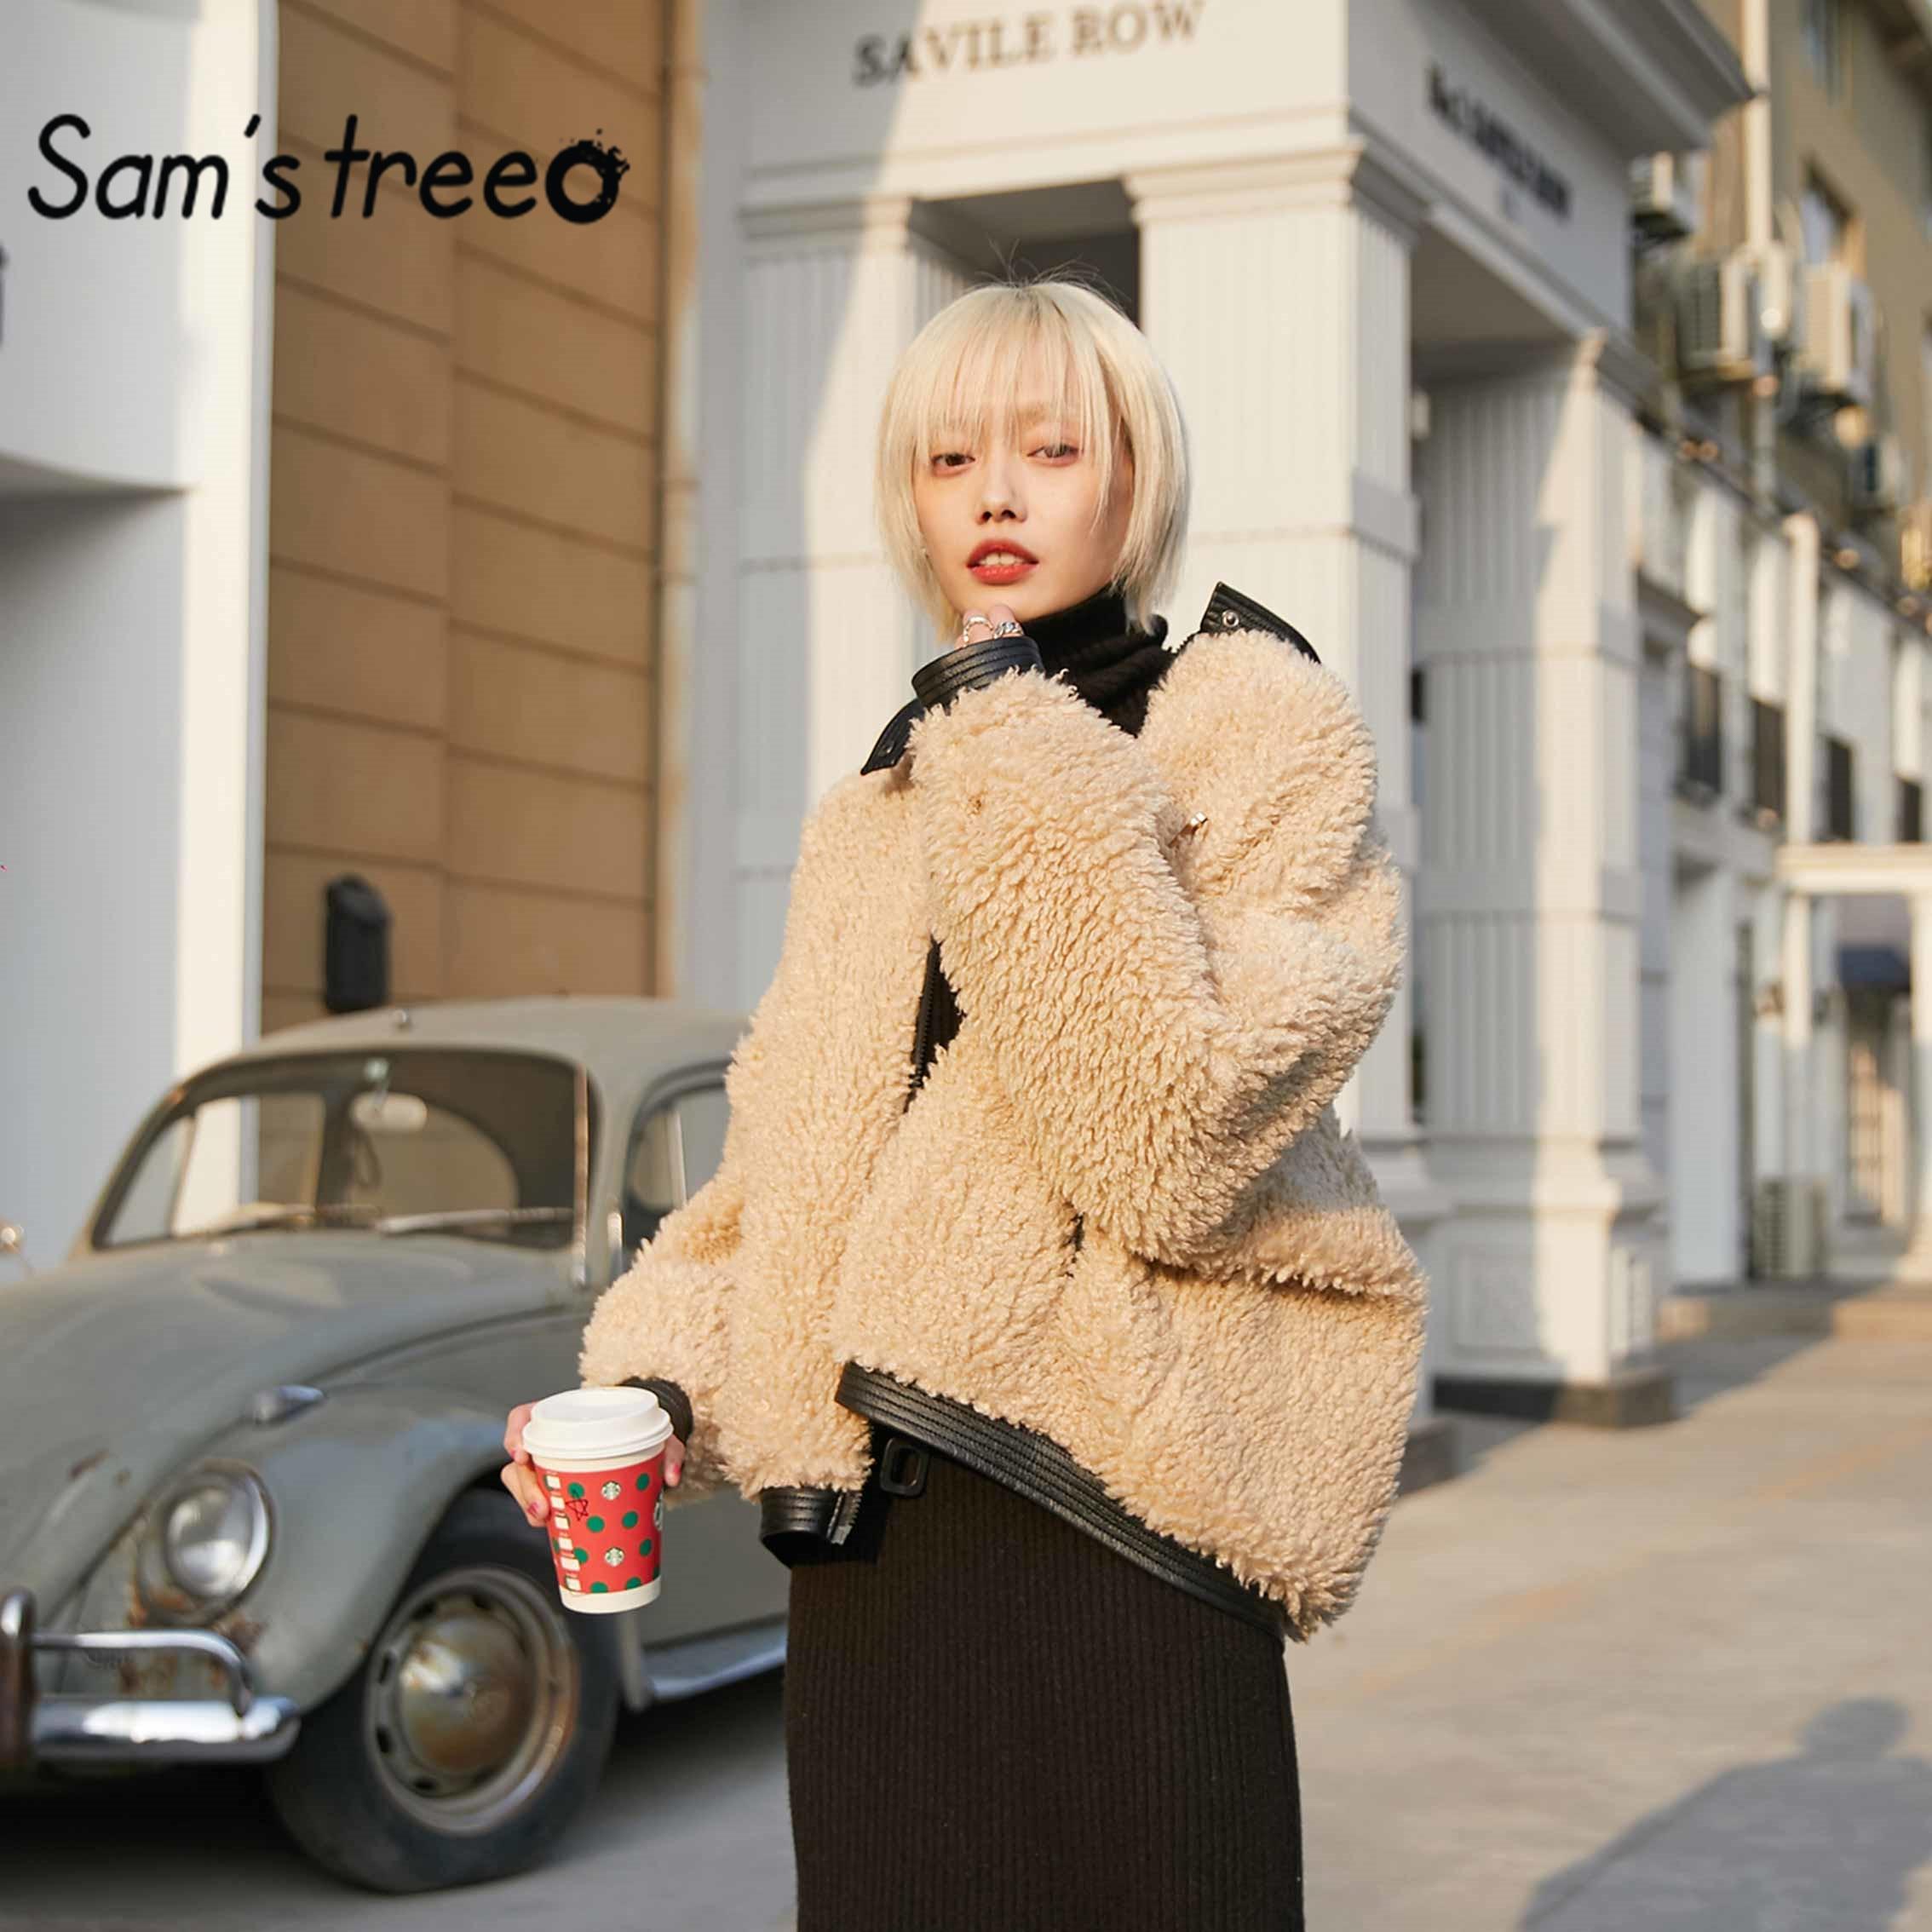 Sam's Albero Solido Nero Teddy Pigro Calore Lana D'agnello Delle Donne Cappotto 2020 di Inverno Bianco Puro Cammello Cerniera Oversive Outwears Femminili - 2